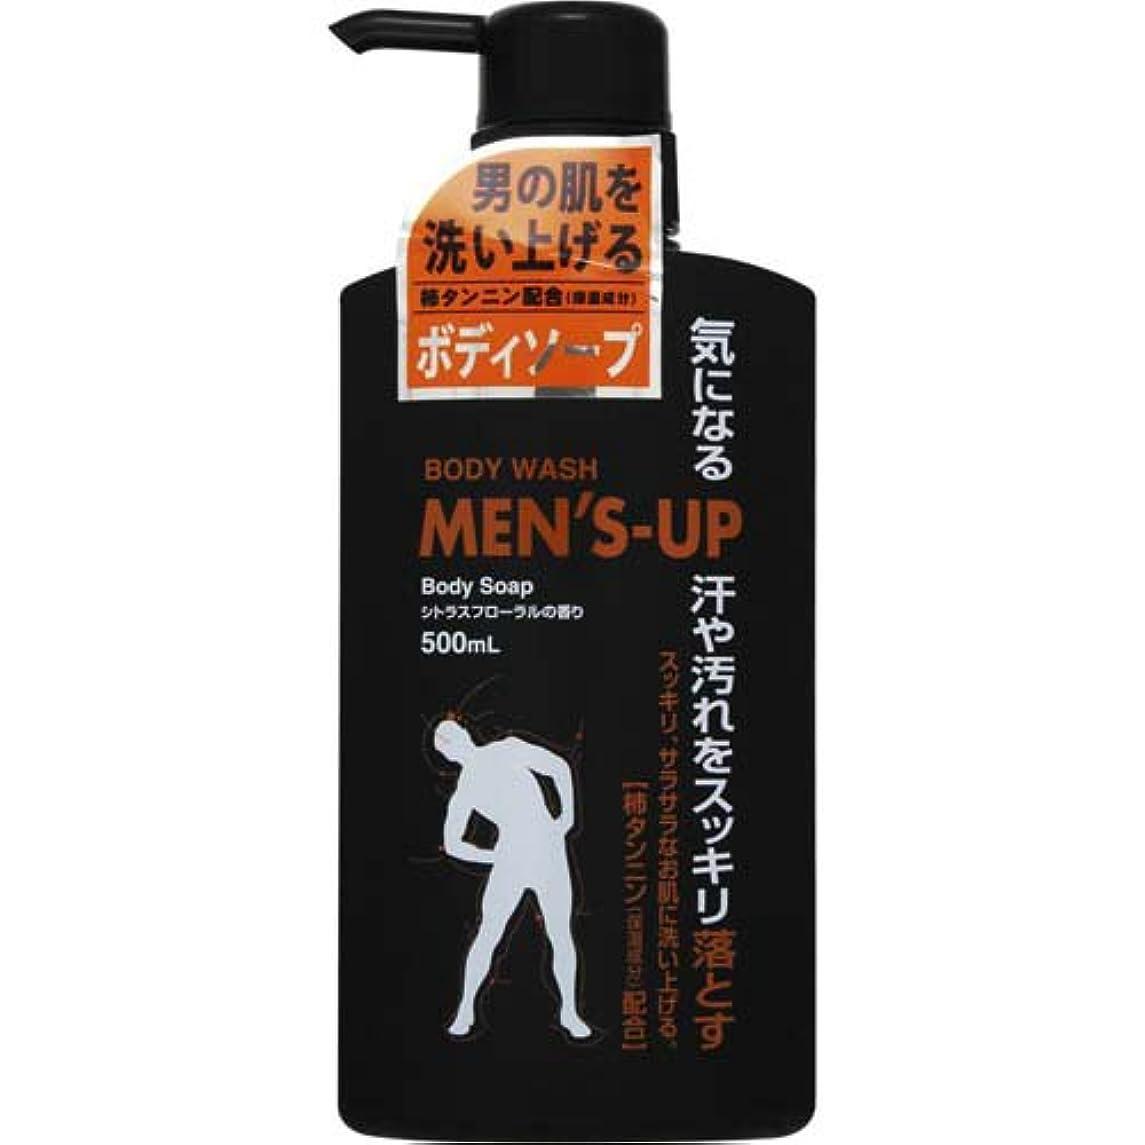 黒くする苦行前文MEN'S-UP(メンズアップ) ボディーソープ 本体 500ml